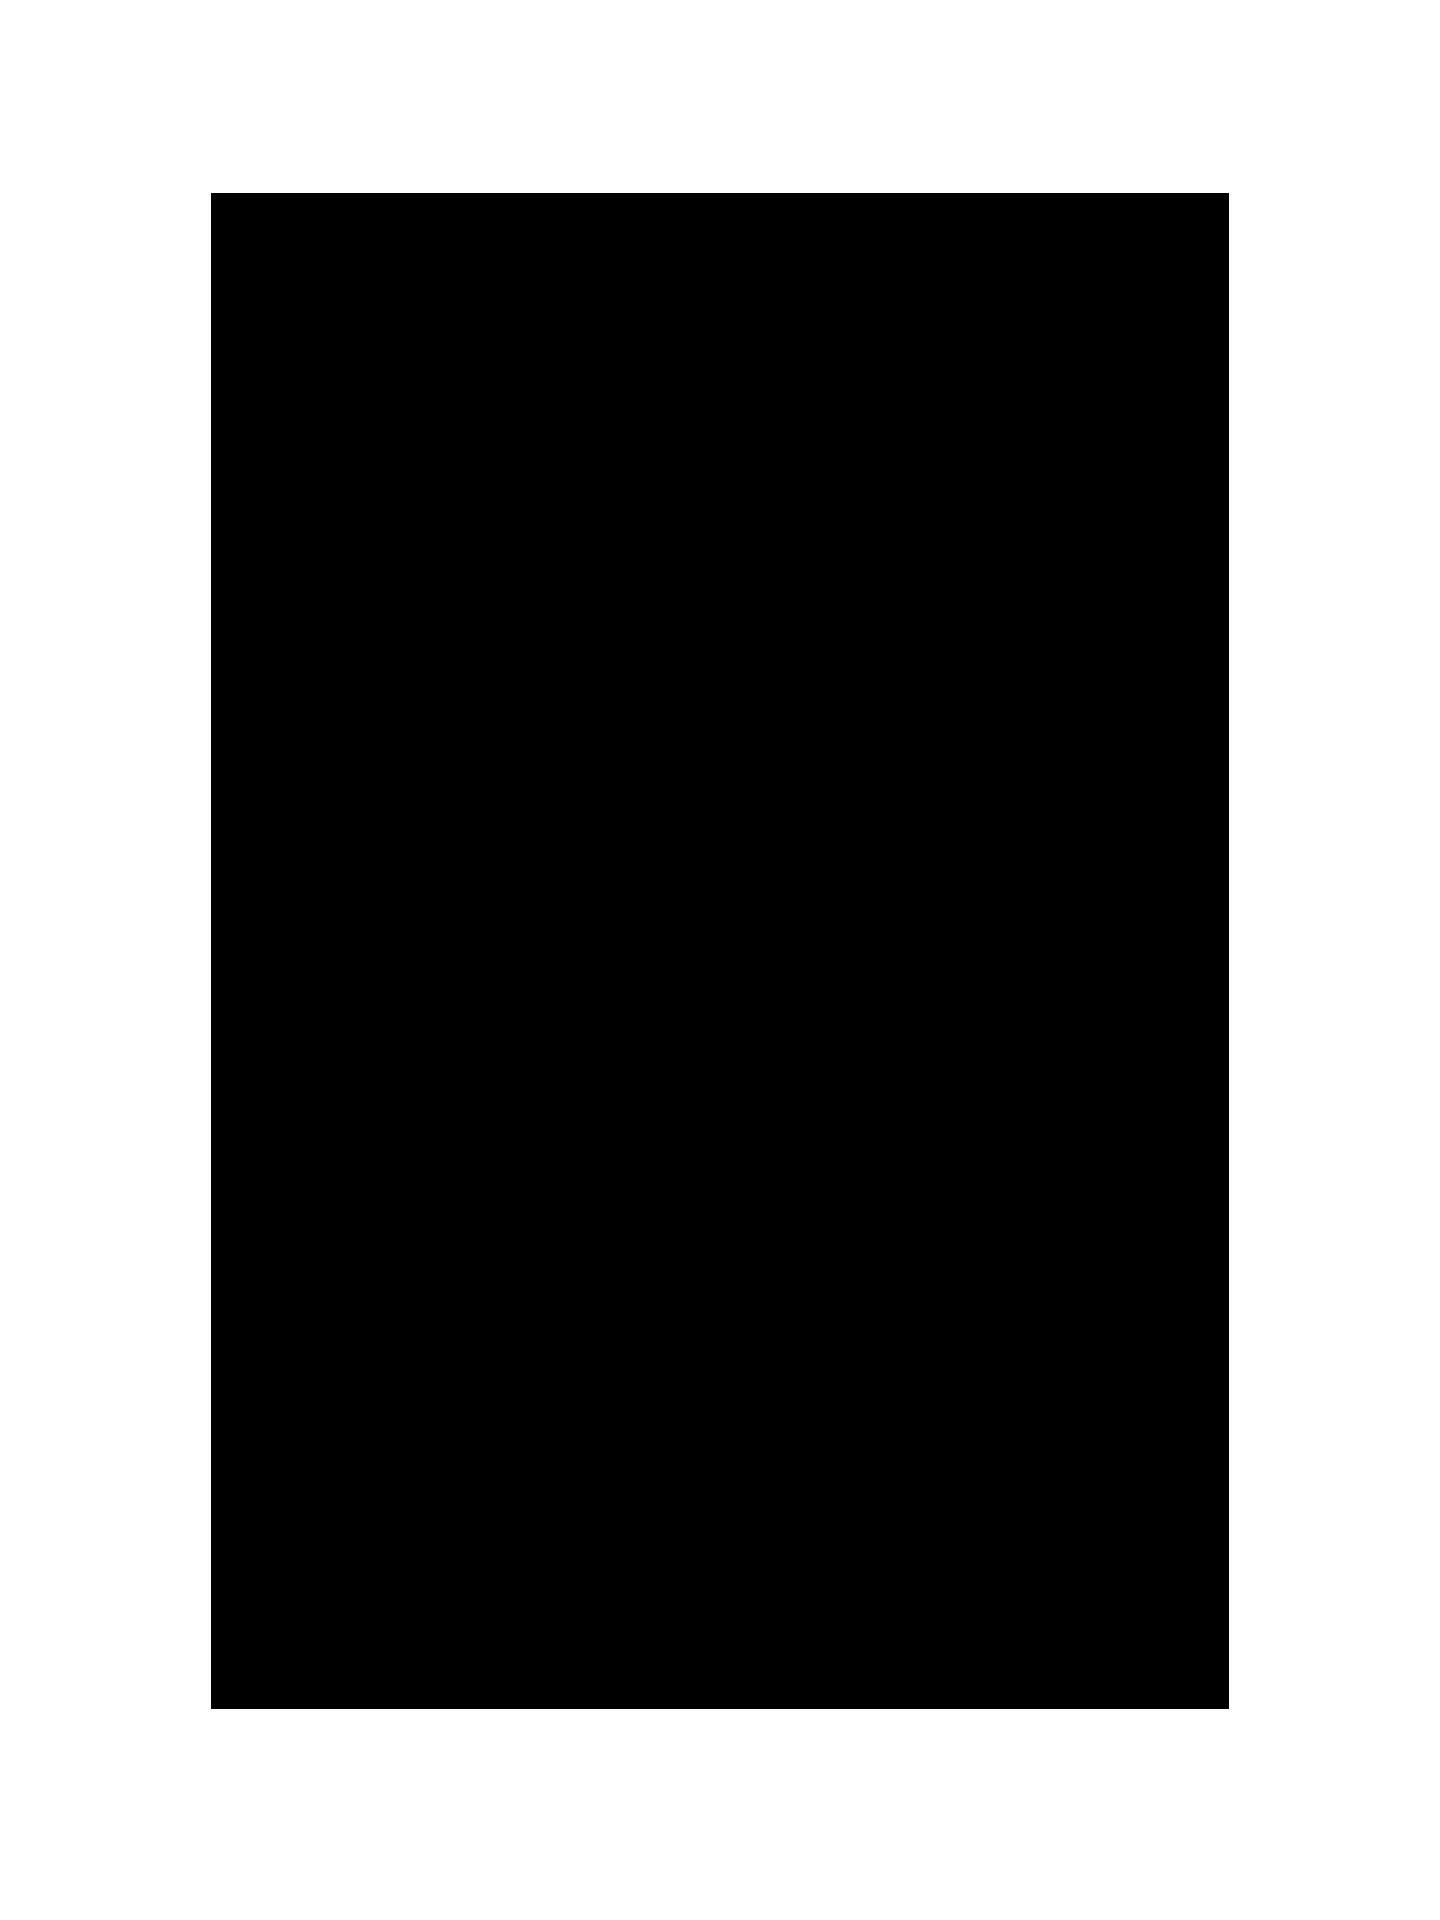 Ingress Logos By Ra100 Logos Ingress Vinyl Decals [ 1920 x 1440 Pixel ]